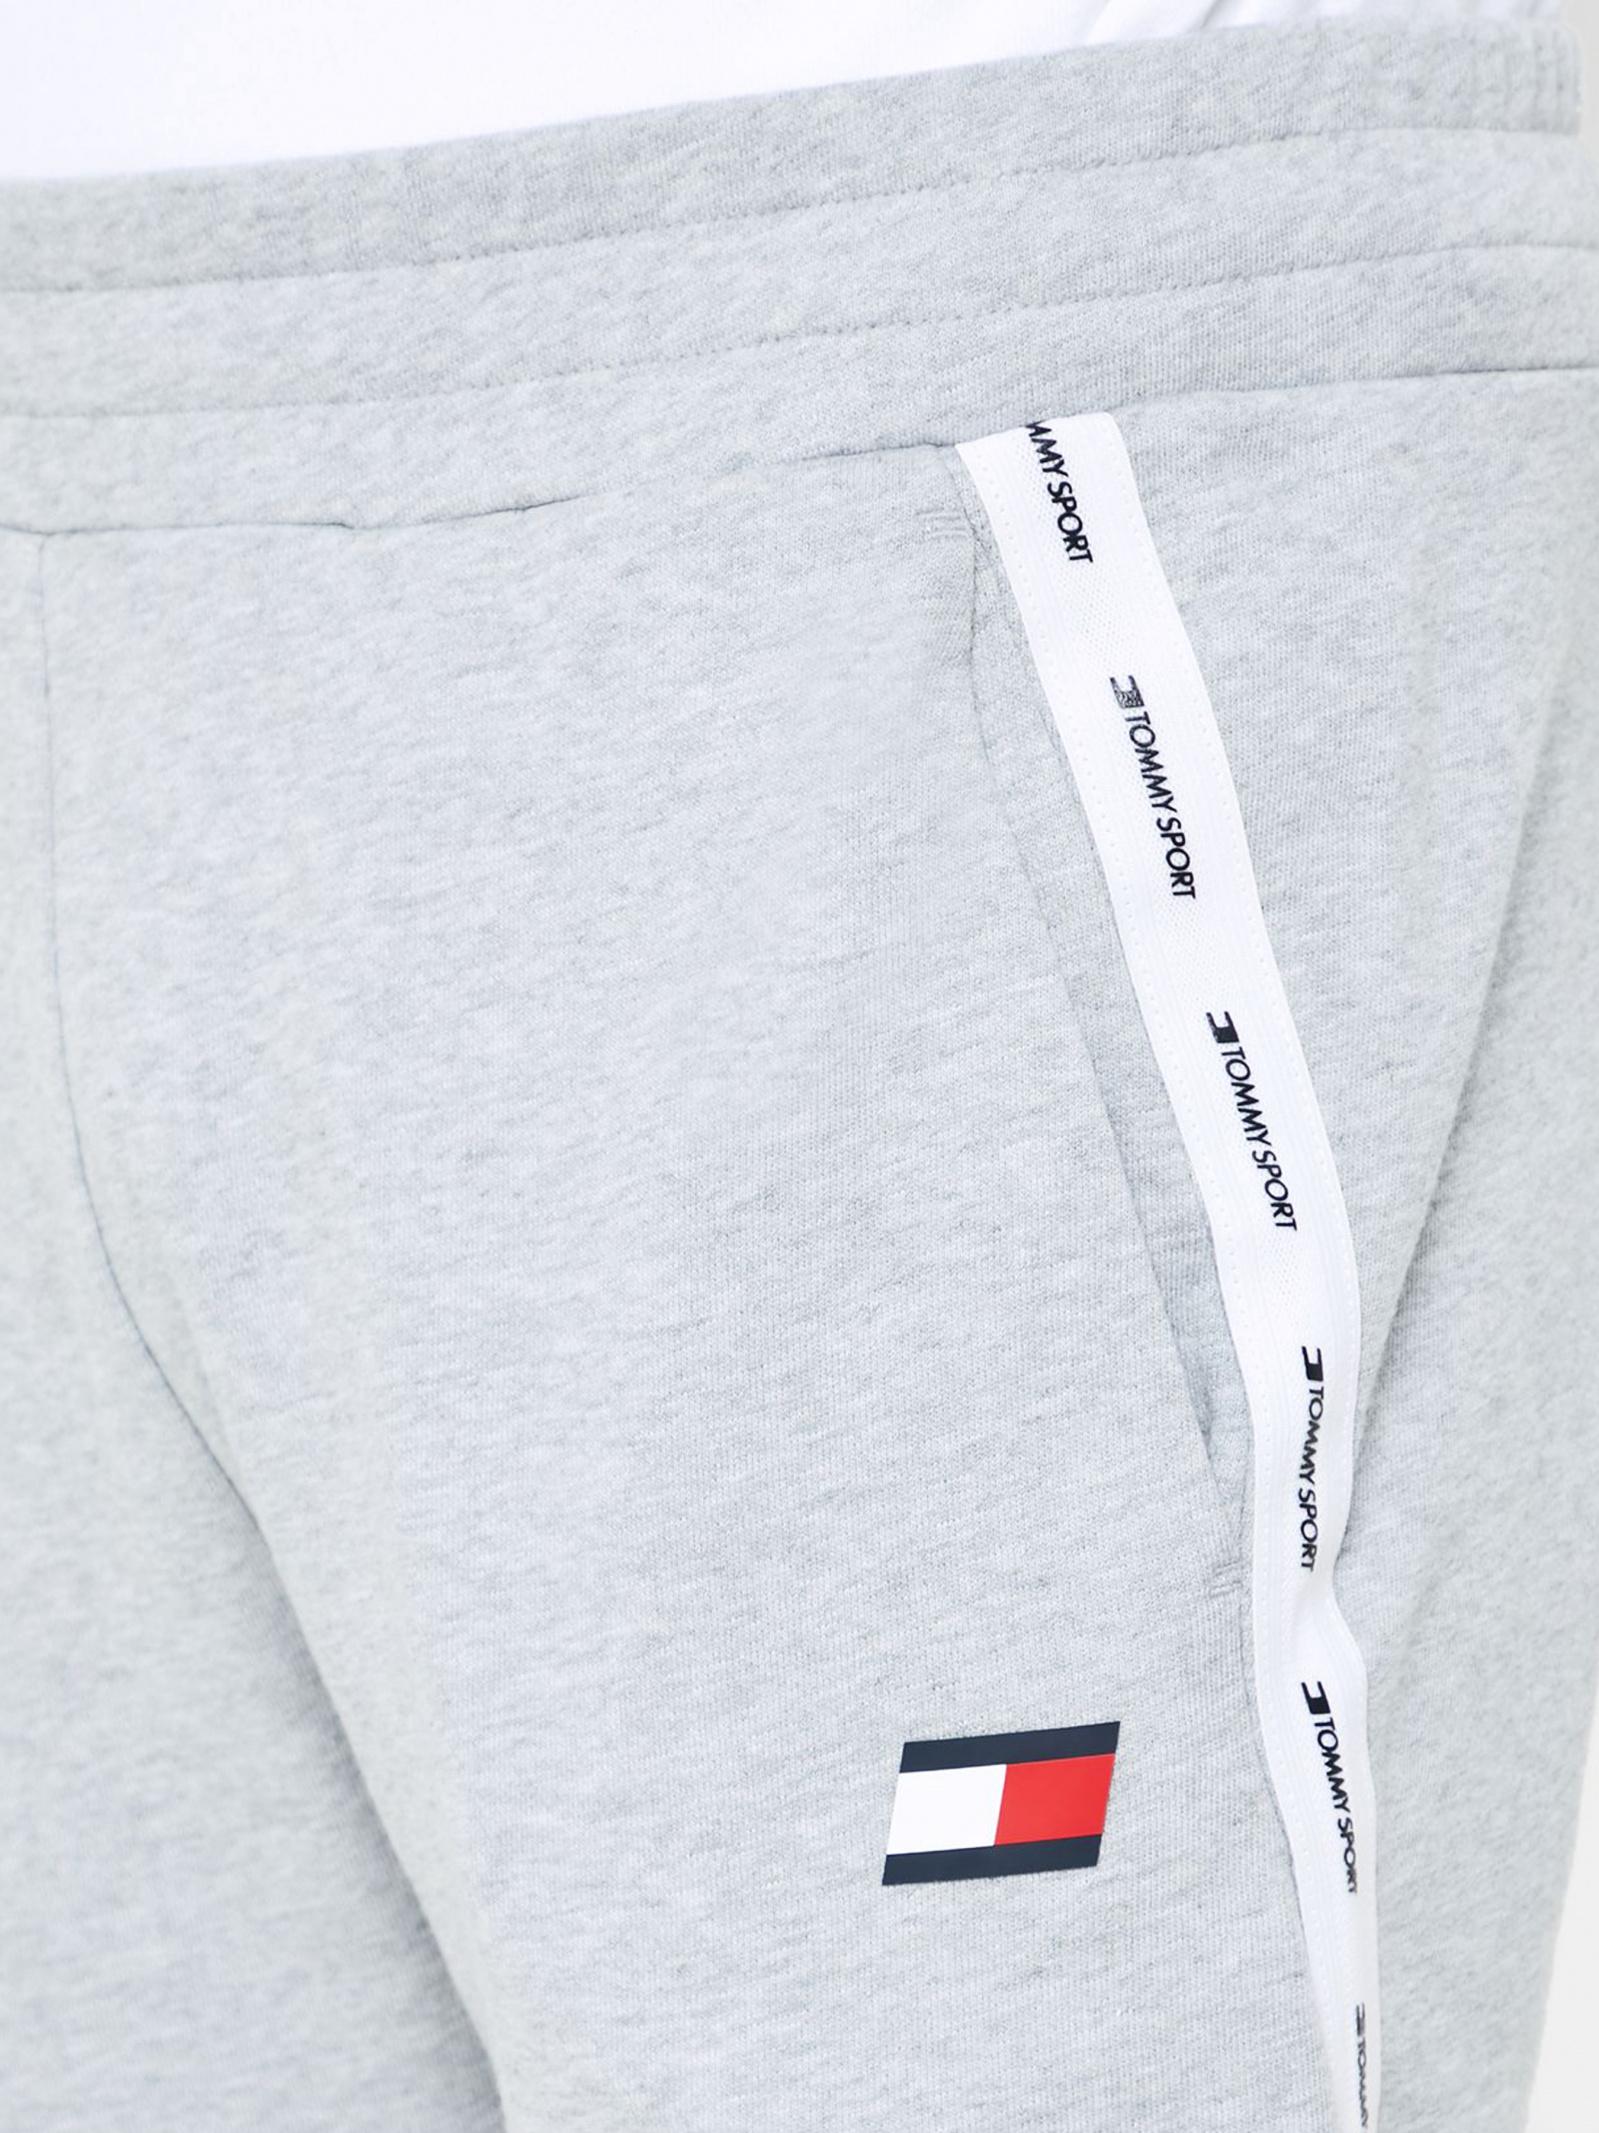 Штаны спортивные мужские Tommy Hilfiger модель TC1563 приобрести, 2017